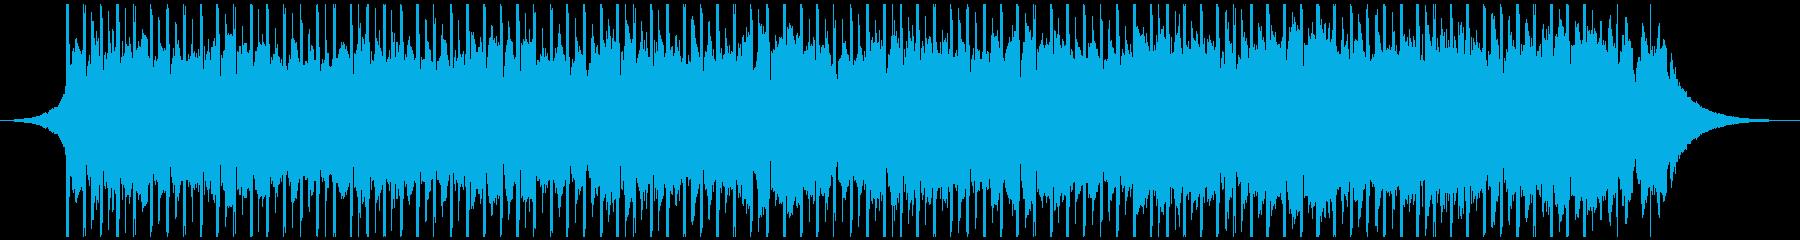 成功した企業(60秒)の再生済みの波形